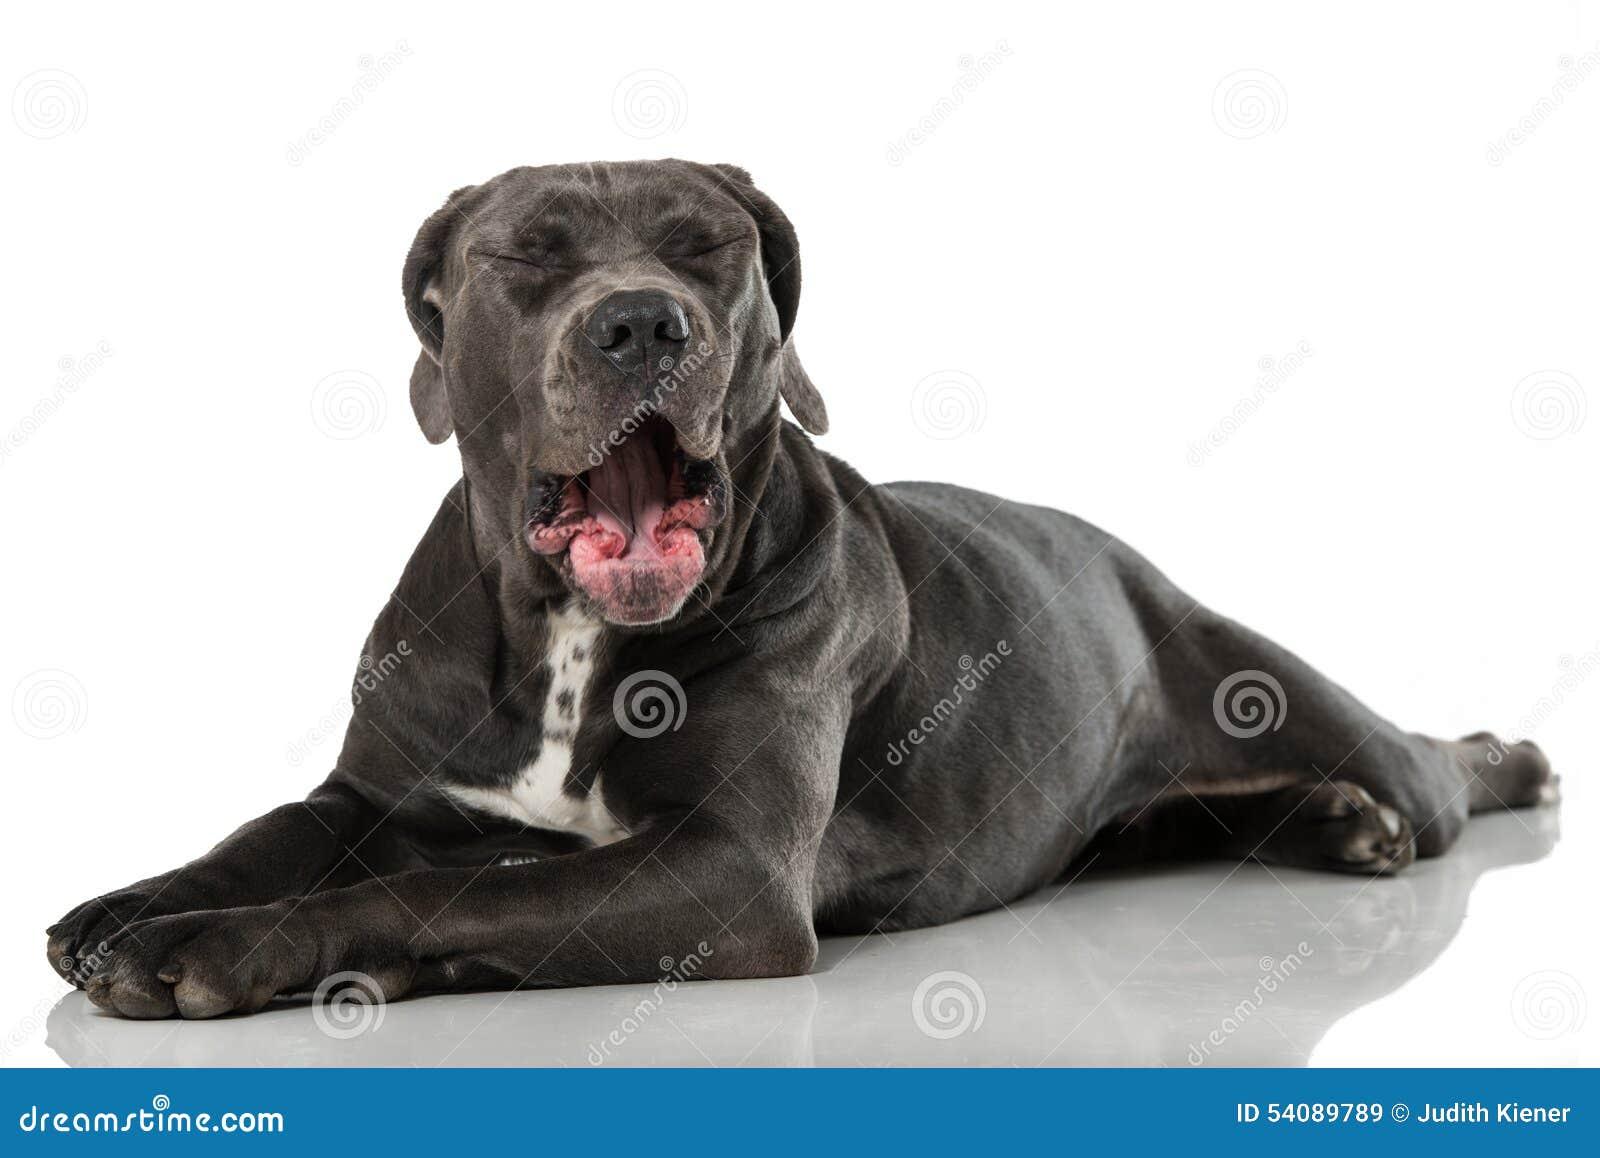 Download De Hond van de geeuw stock afbeelding. Afbeelding bestaande uit geeuw - 54089789